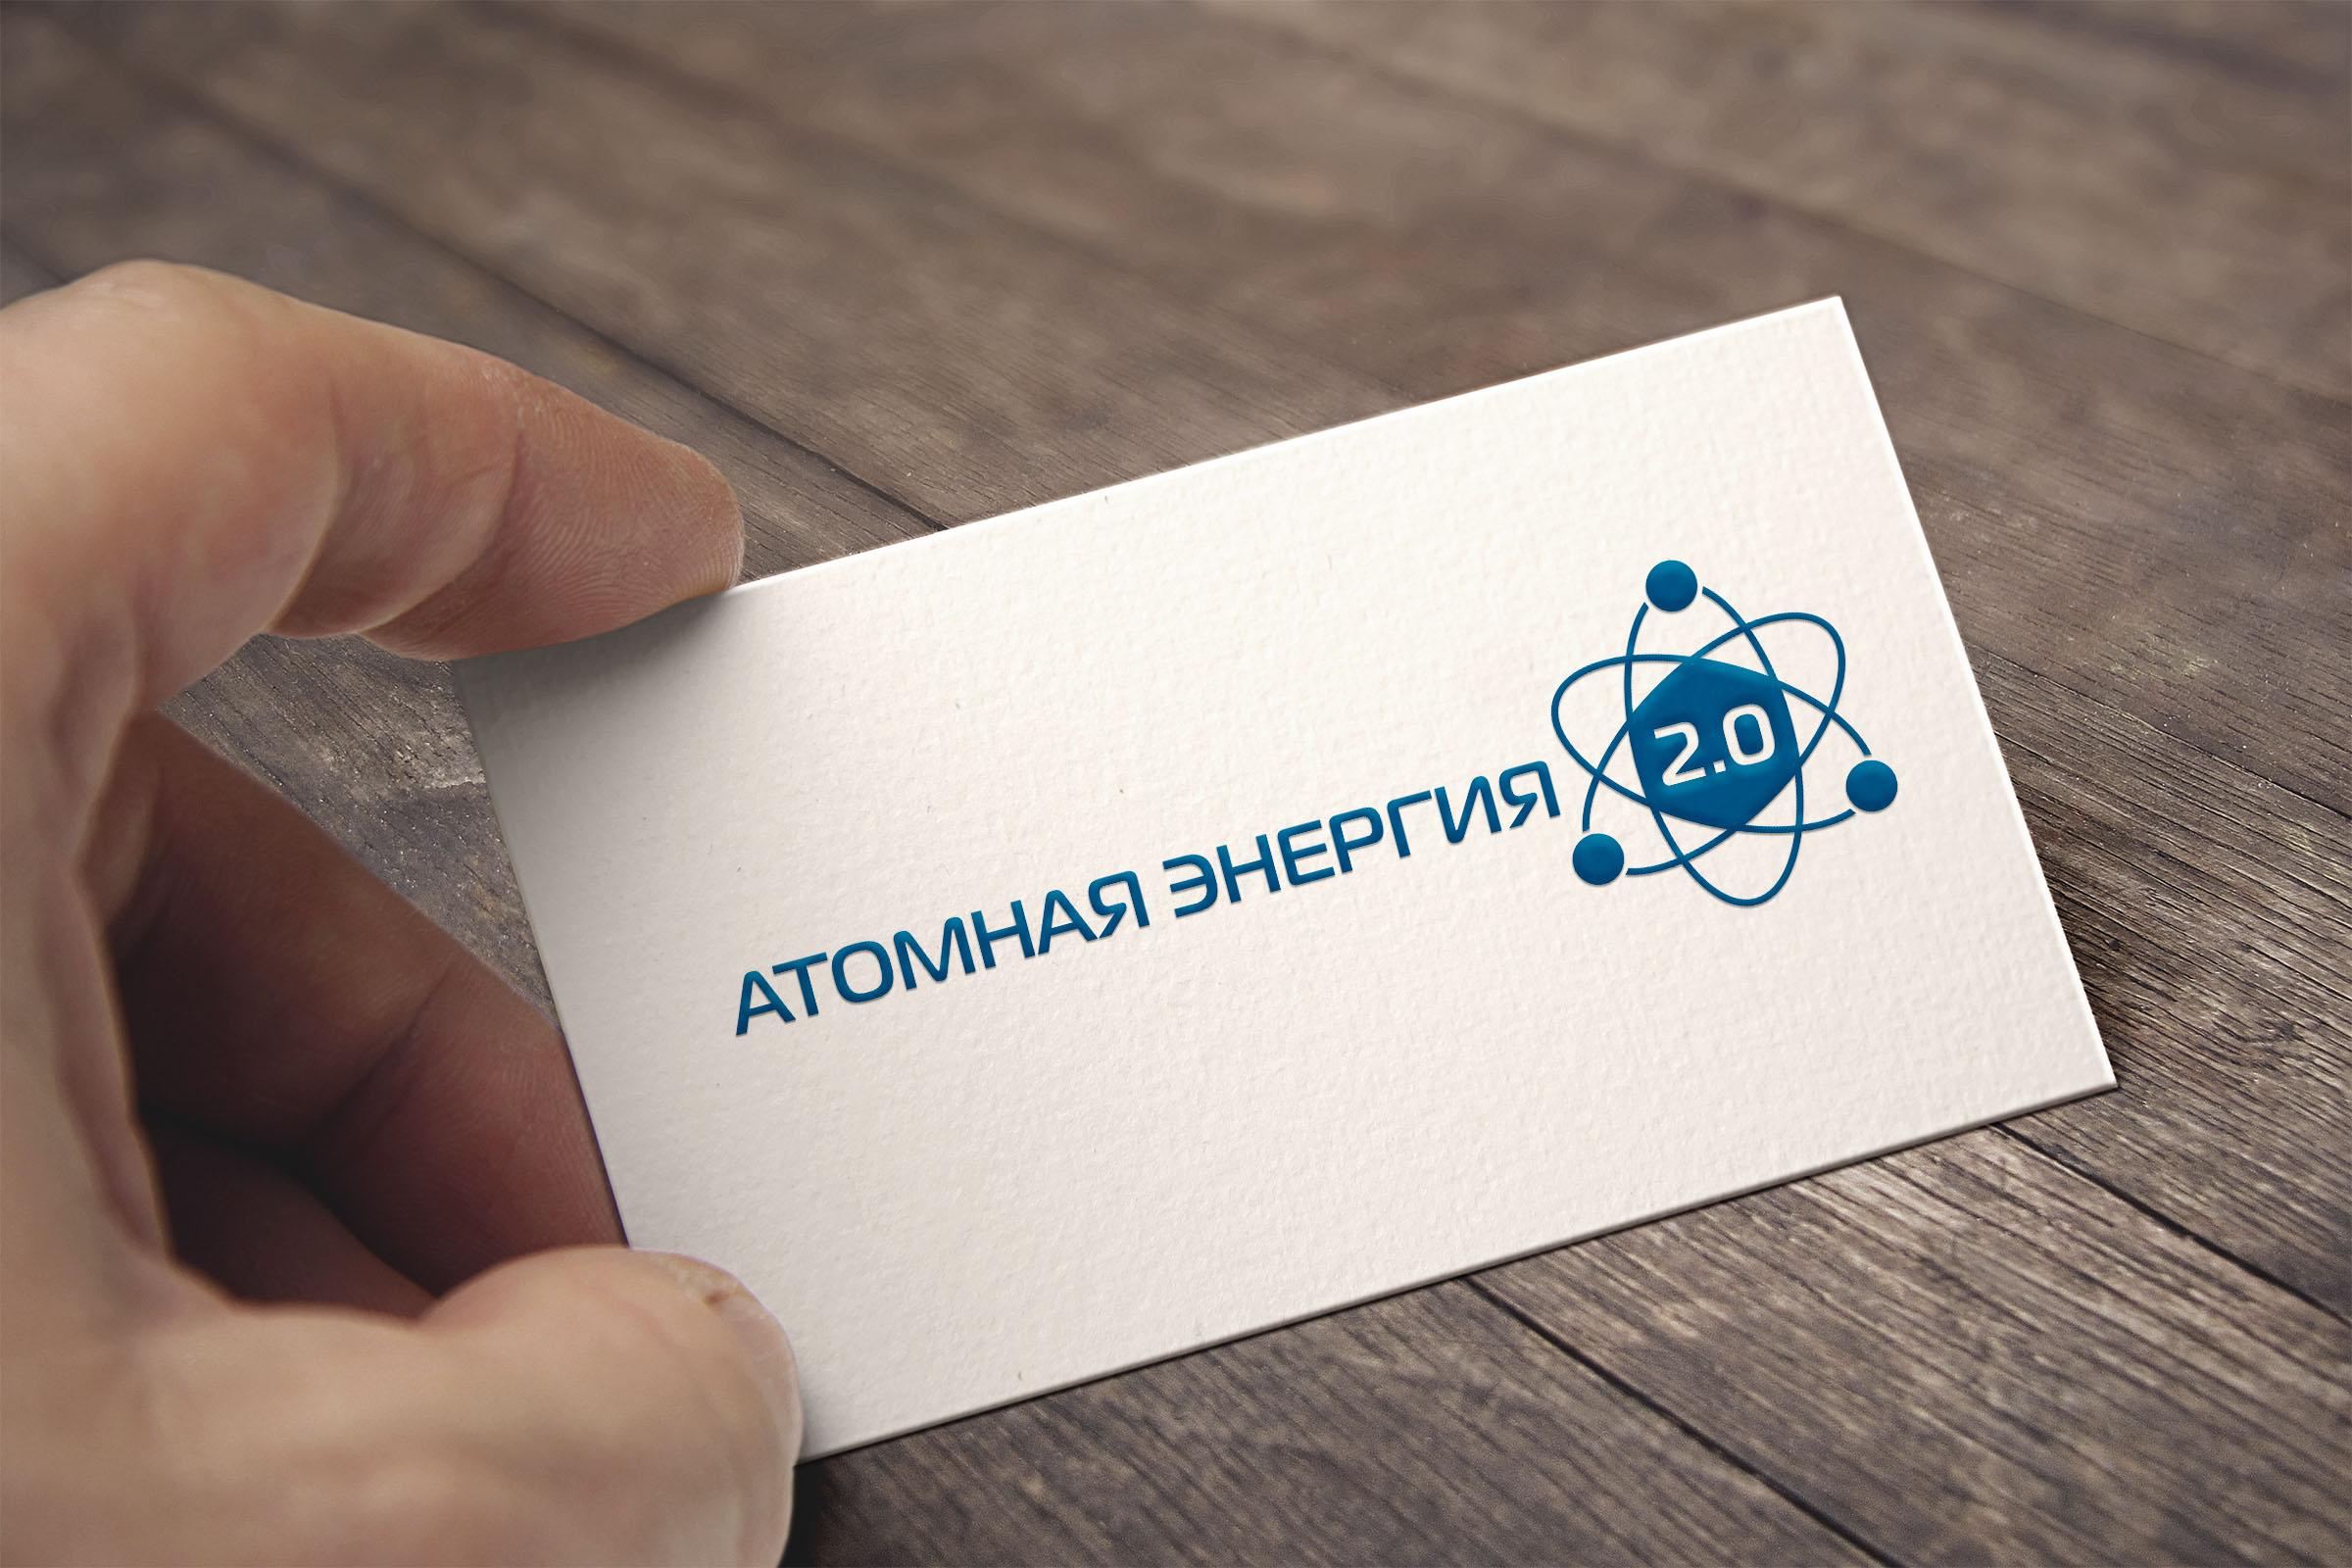 """Фирменный стиль для научного портала """"Атомная энергия 2.0"""" фото f_16559fb21137b6d5.jpg"""